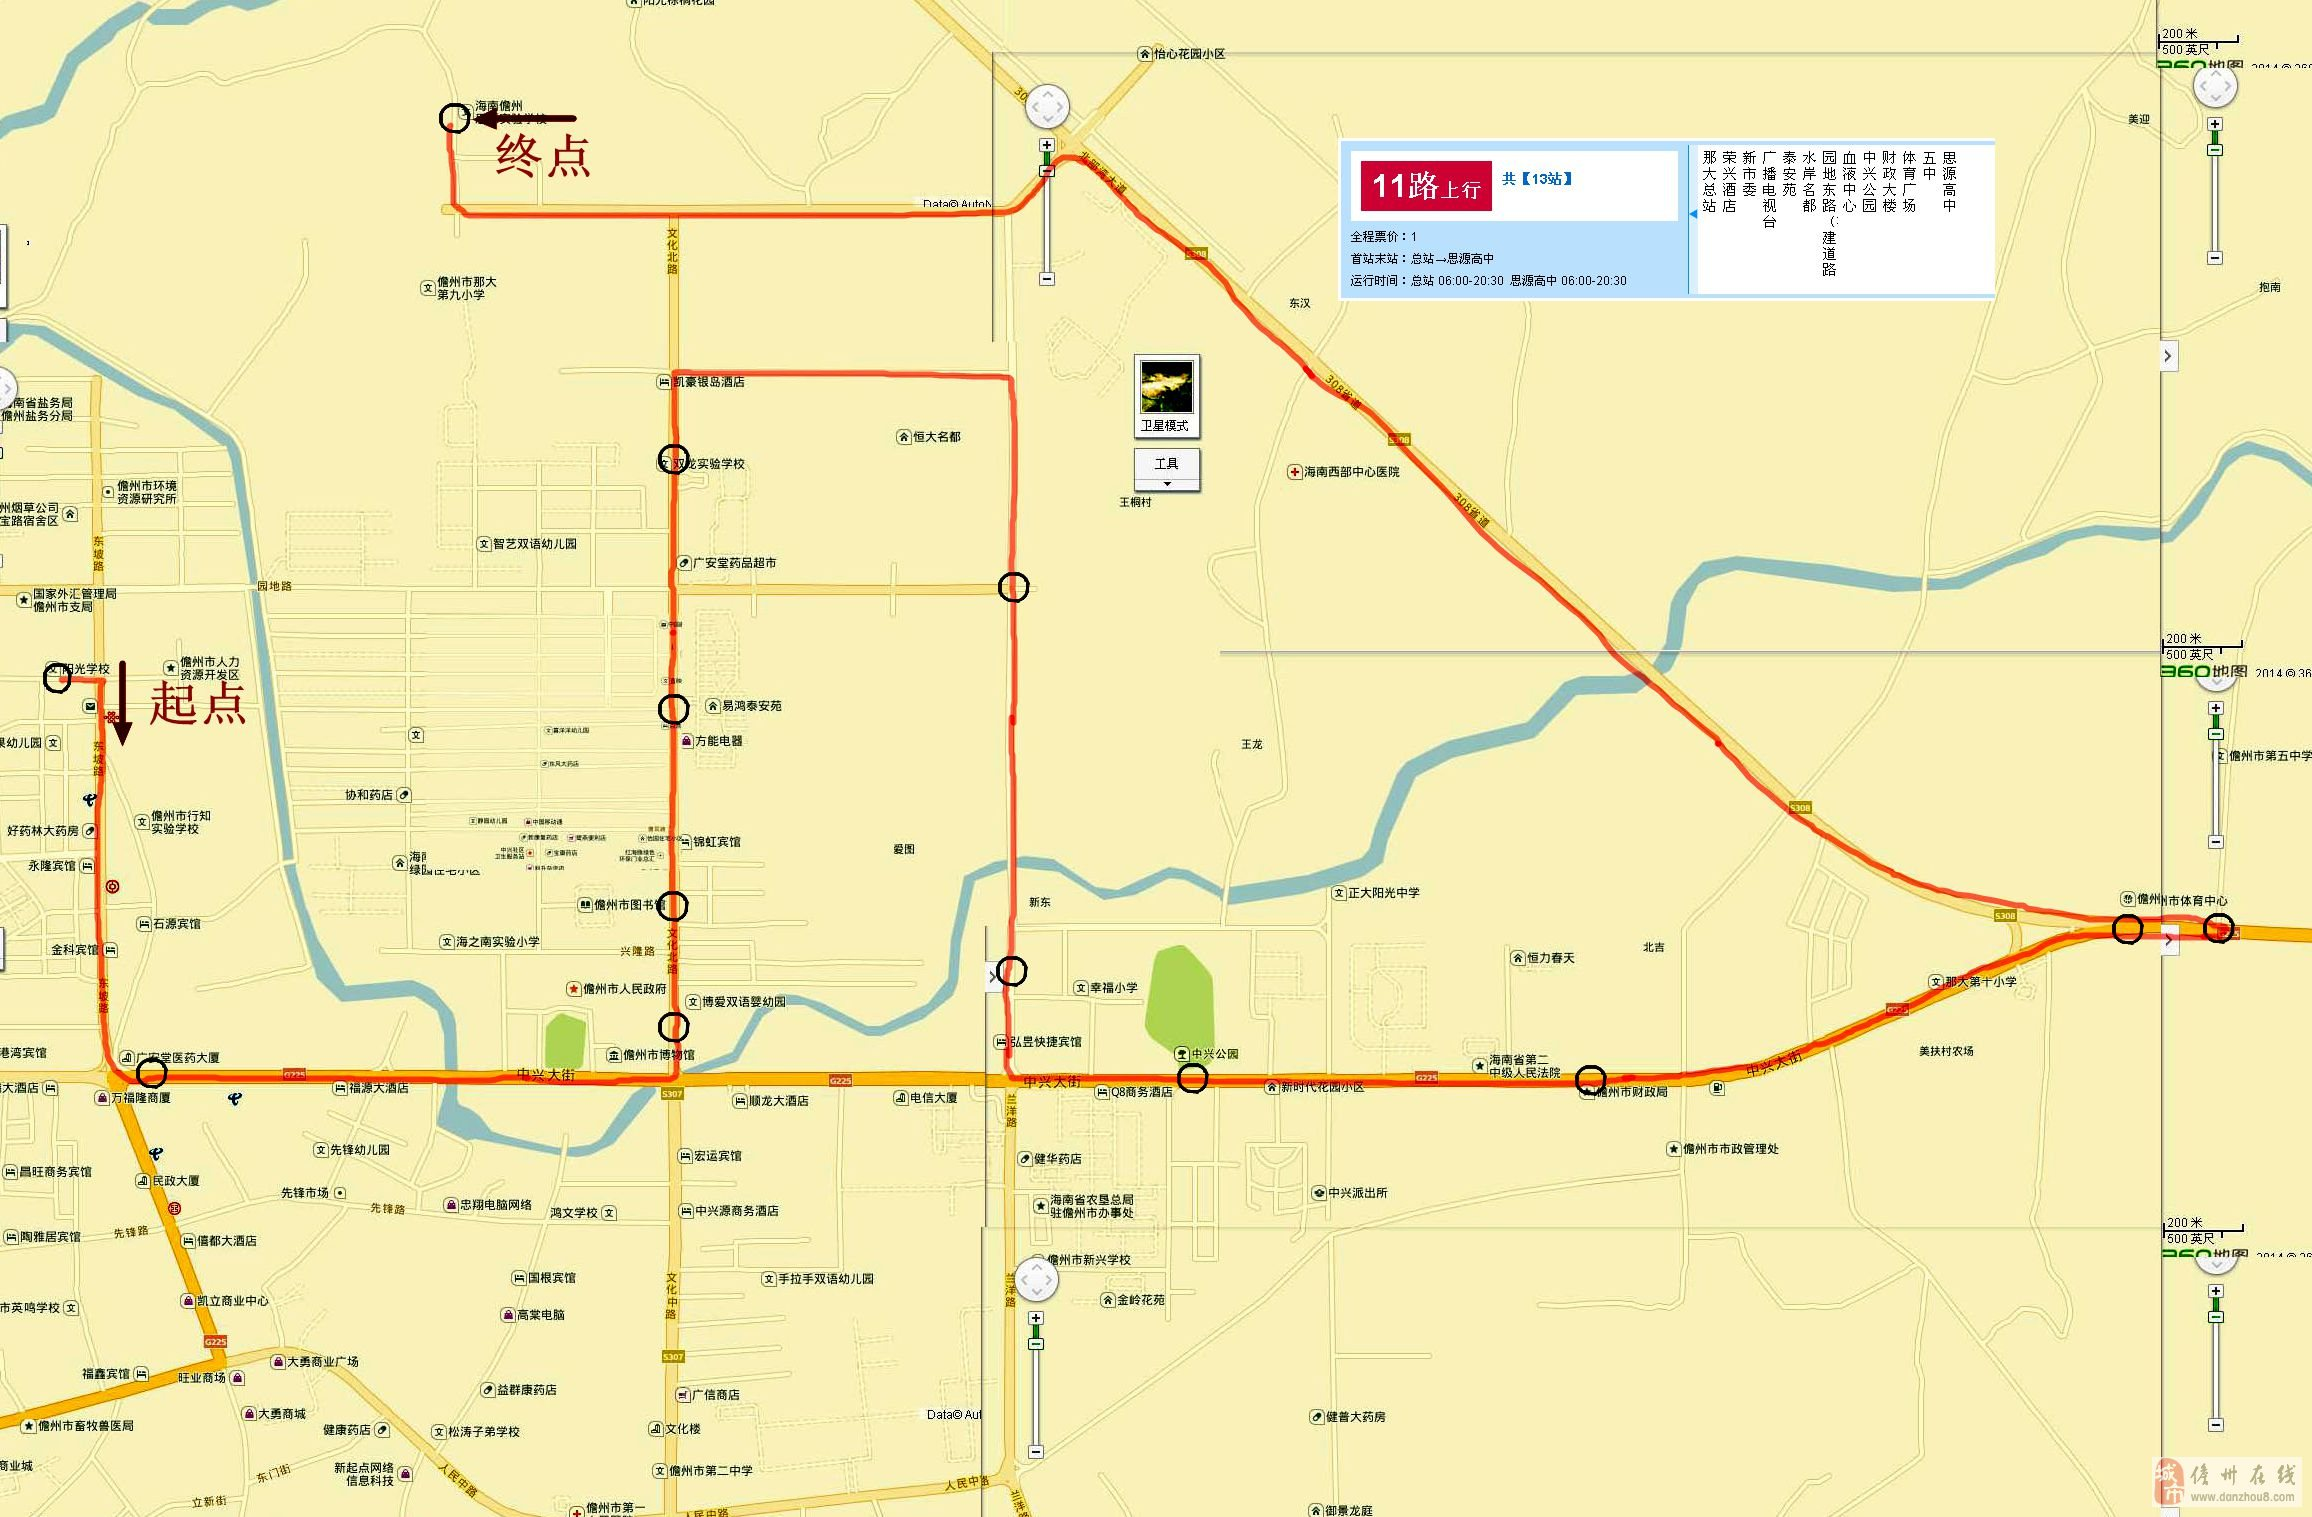 儋州那大城区公交线路草图